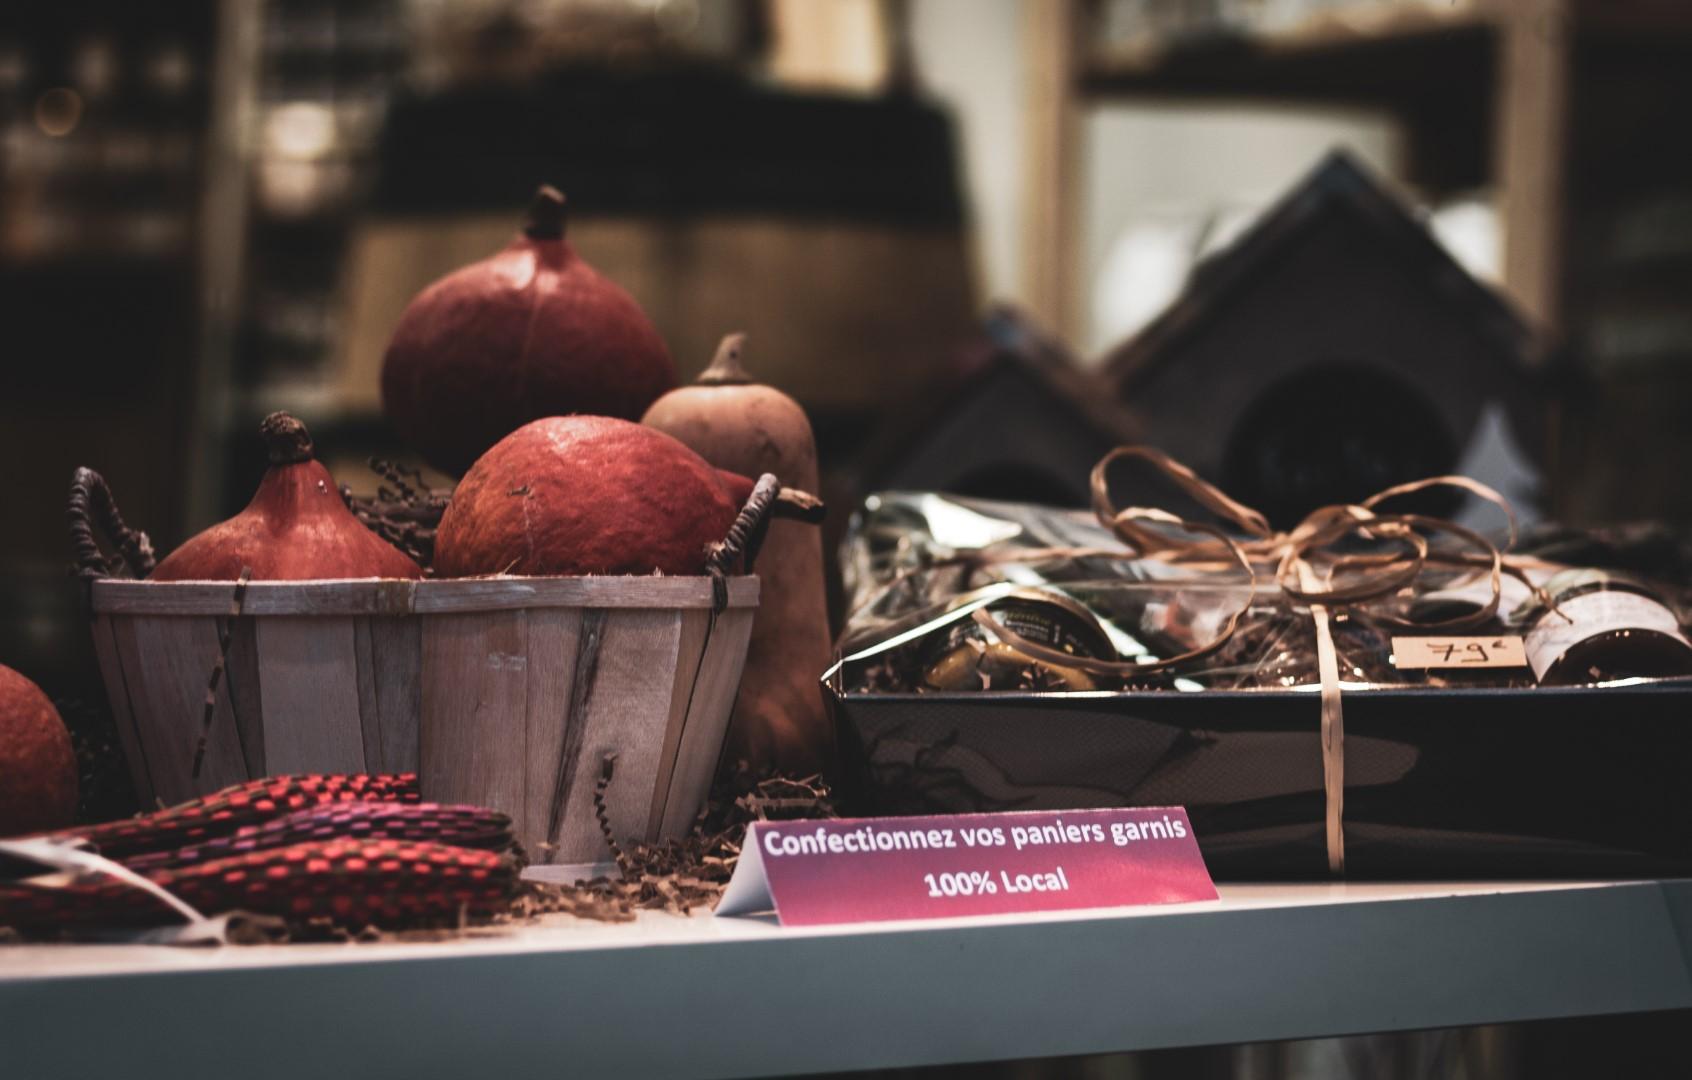 Confection de paniers comptoir Sud Charentais